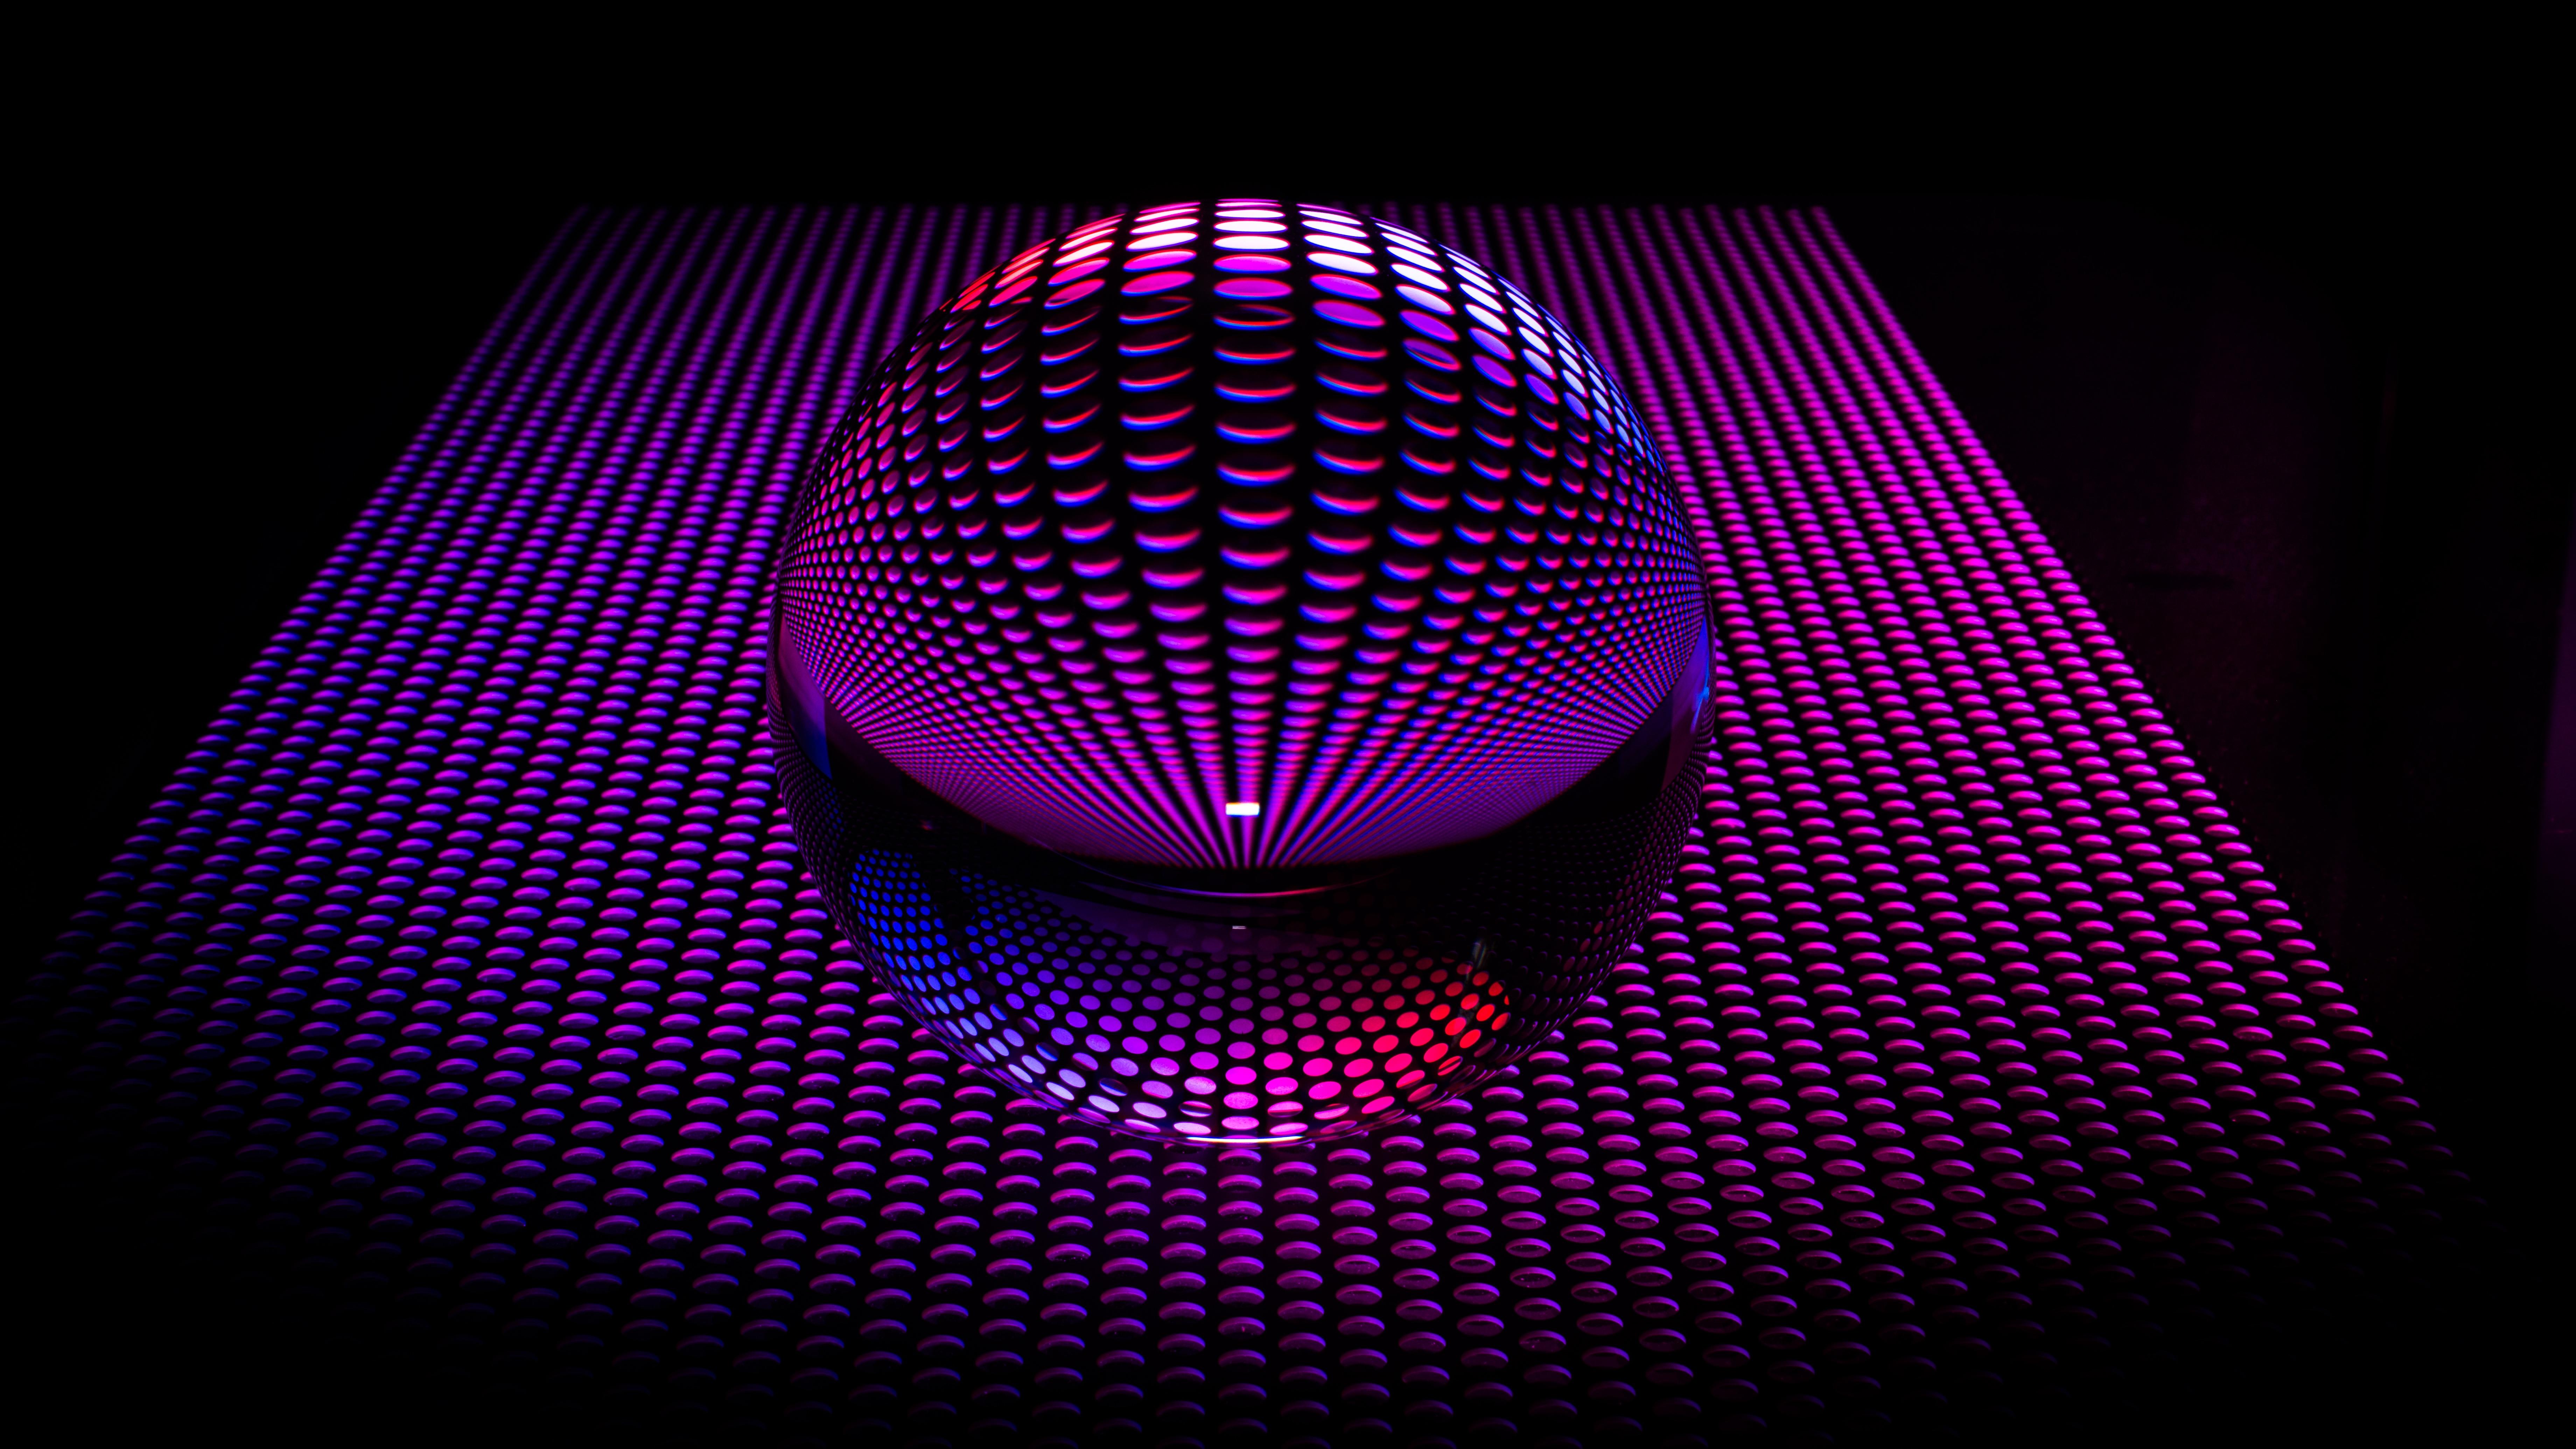 90495 économiseurs d'écran et fonds d'écran 3D sur votre téléphone. Téléchargez 3D, Cercles, La Forme, Forme, Ballon, Balle, Sphère images gratuitement